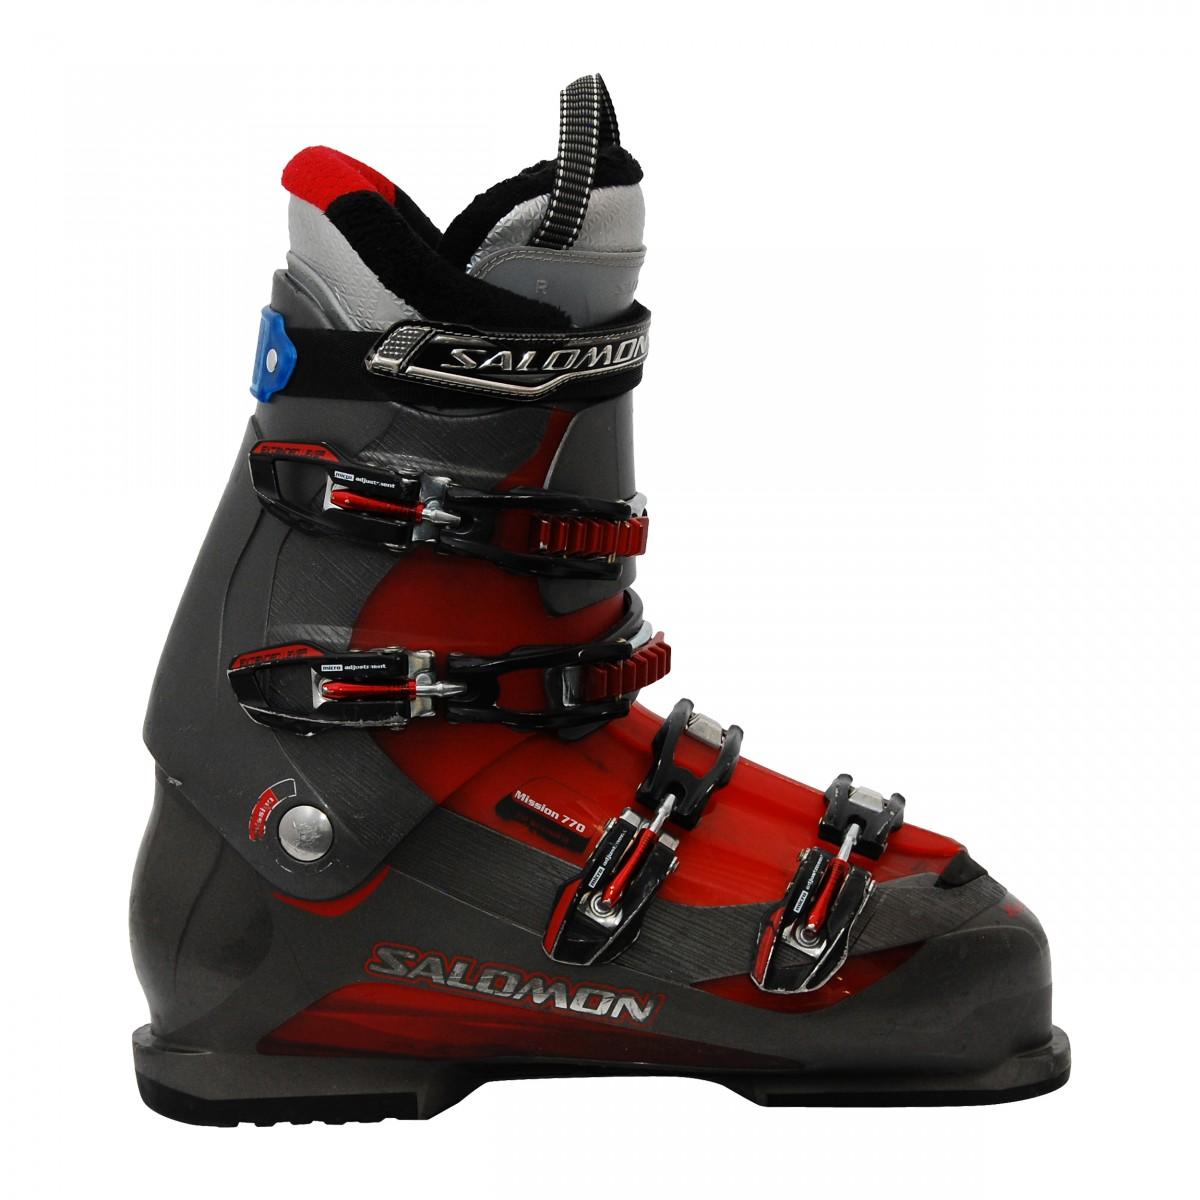 hot sales no sale tax great quality Chaussure de ski occasion Salomon mission 770 gris/rouge ...